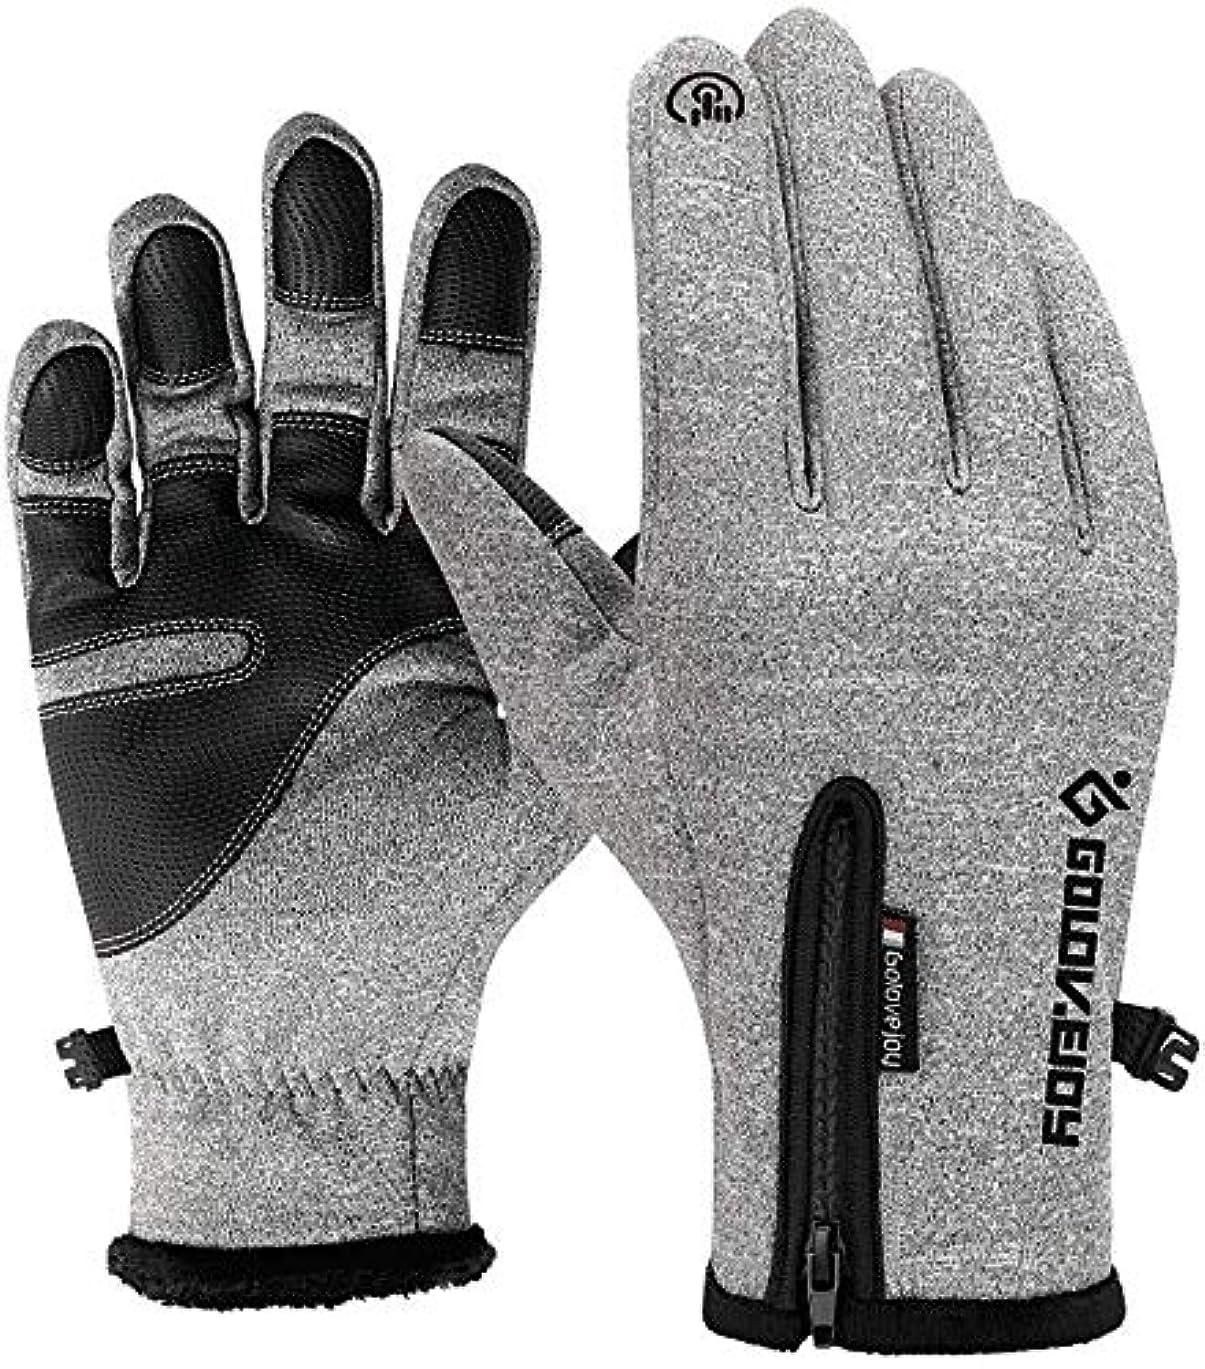 罪悪感スキニー心理的Mini gloves インテリジェントSMSのために寒熱の画面手袋、防風手袋をタッチ - スリップシリコーンゲルカイロさん男性サイクリングやランニング (Color : Gray, Size : XXLarge)